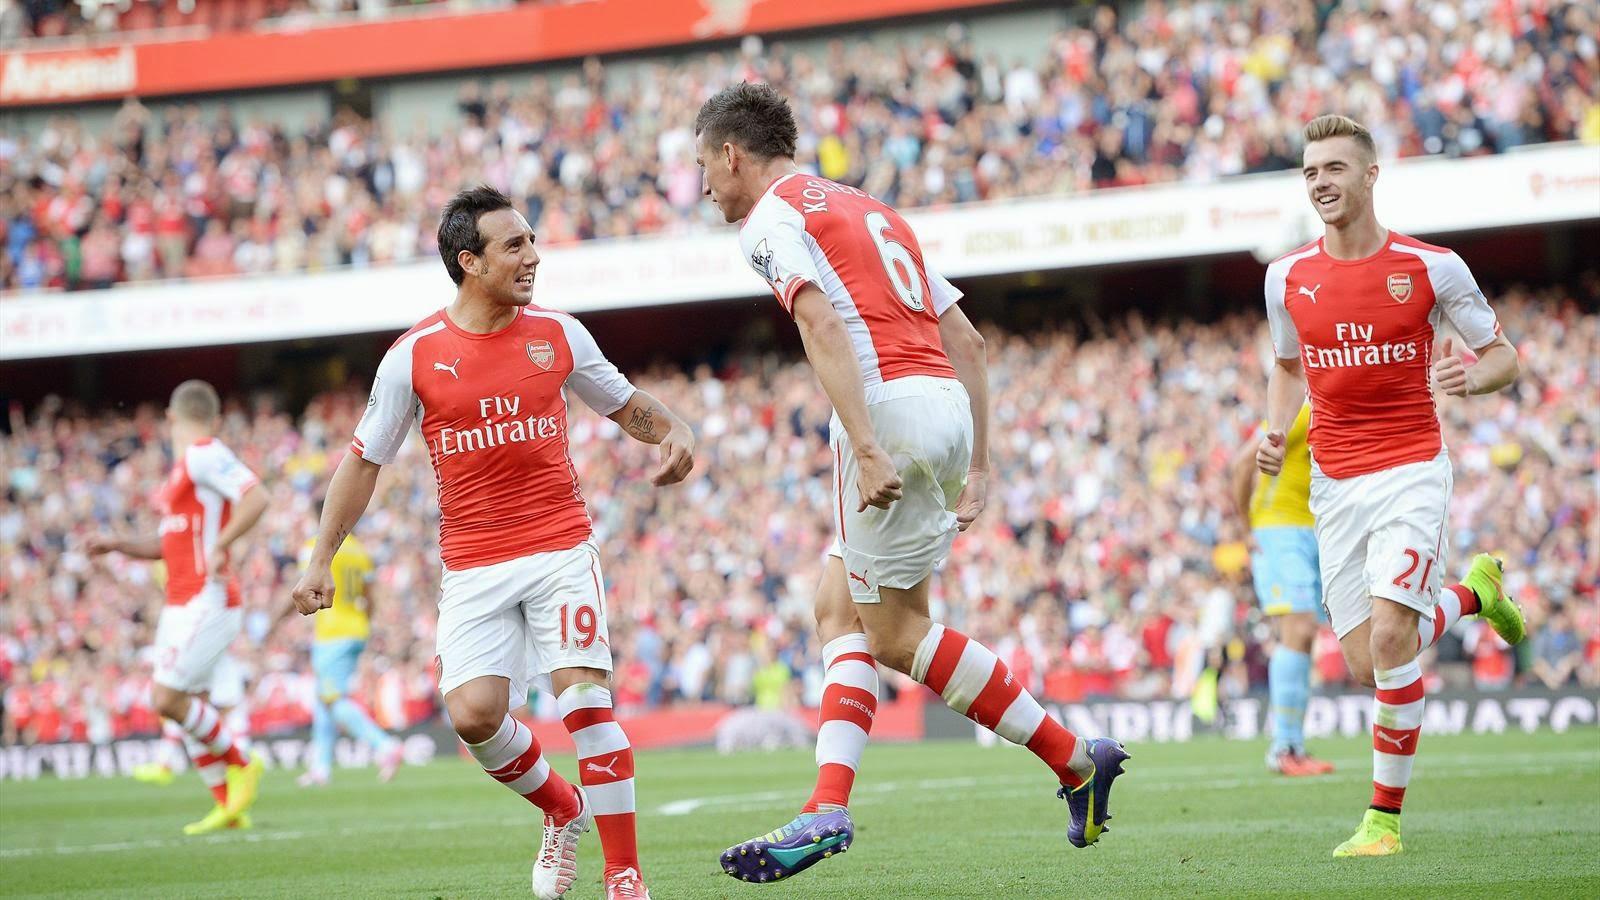 Pronostic Arsenal - Monaco : Ligue des Champions